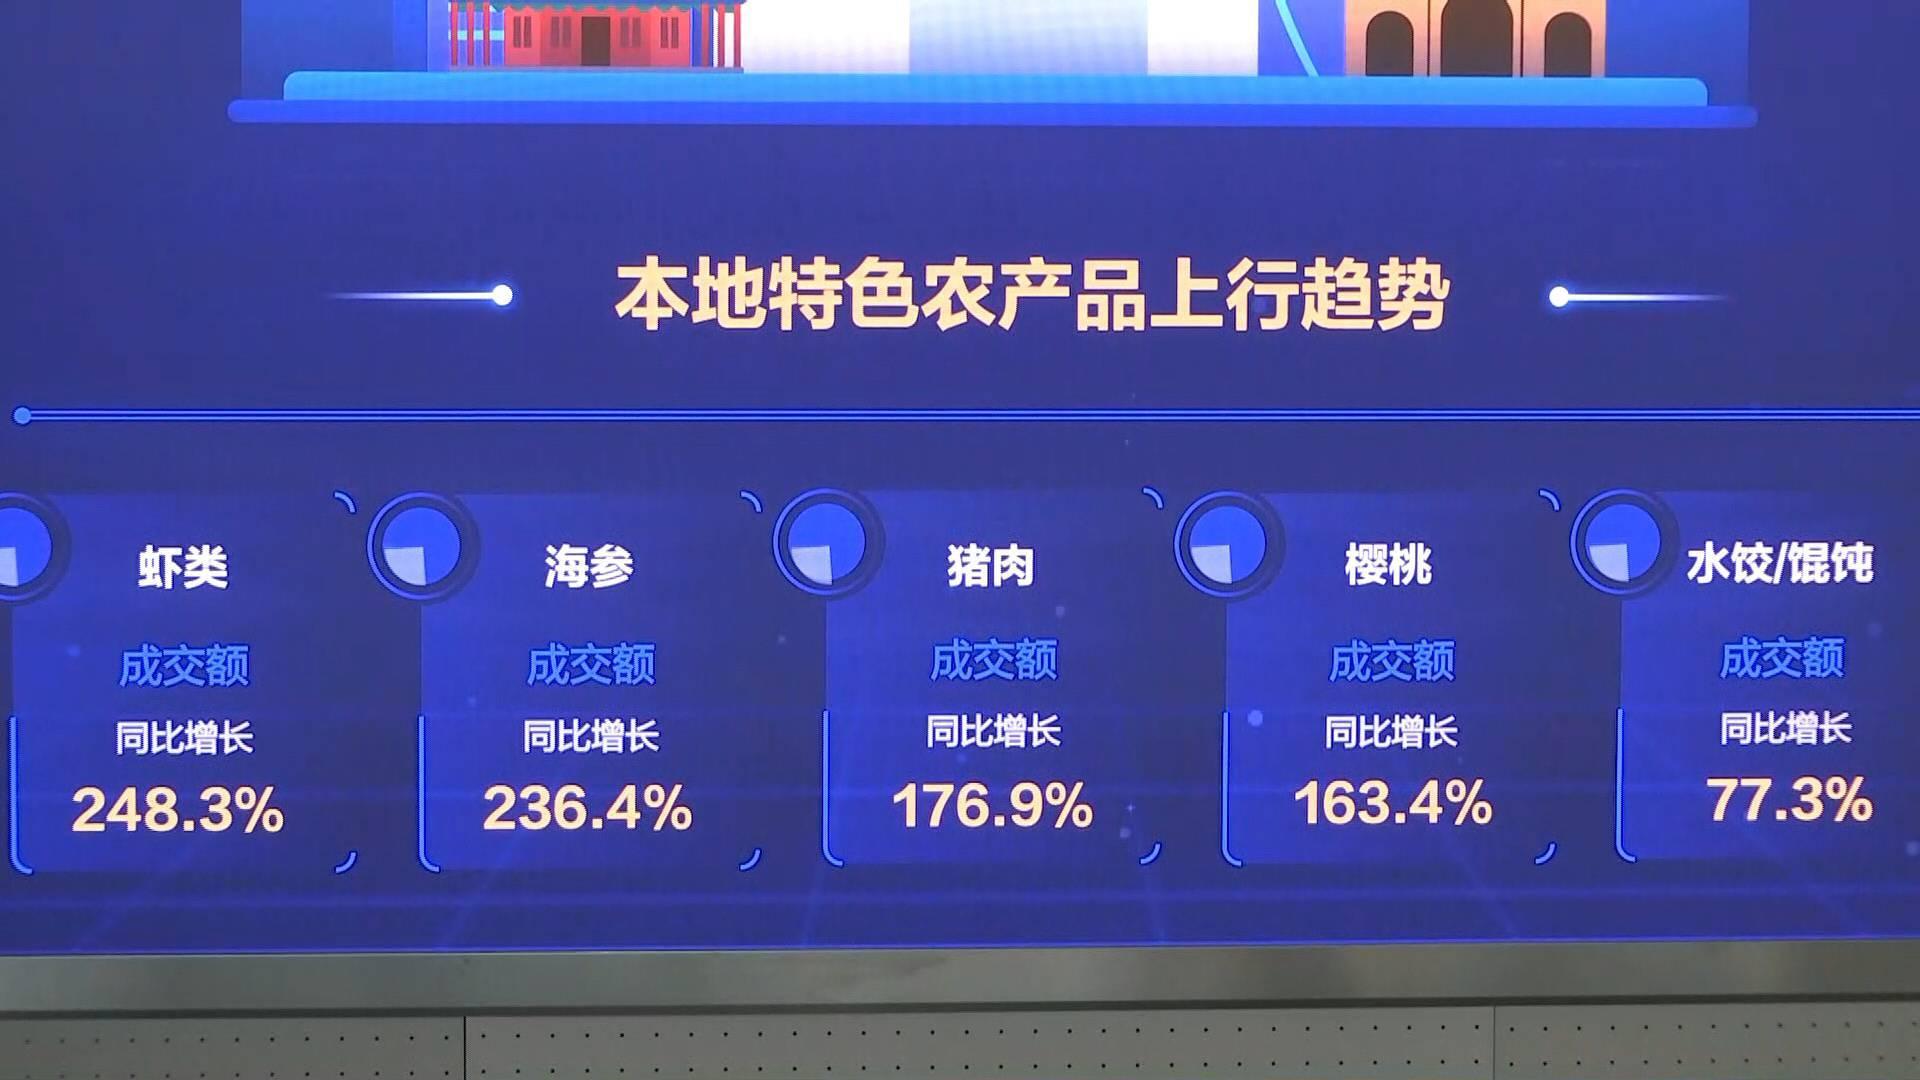 山东京东618消费报告出炉,看看山东消费者今年都买了啥?哪个市最能买?